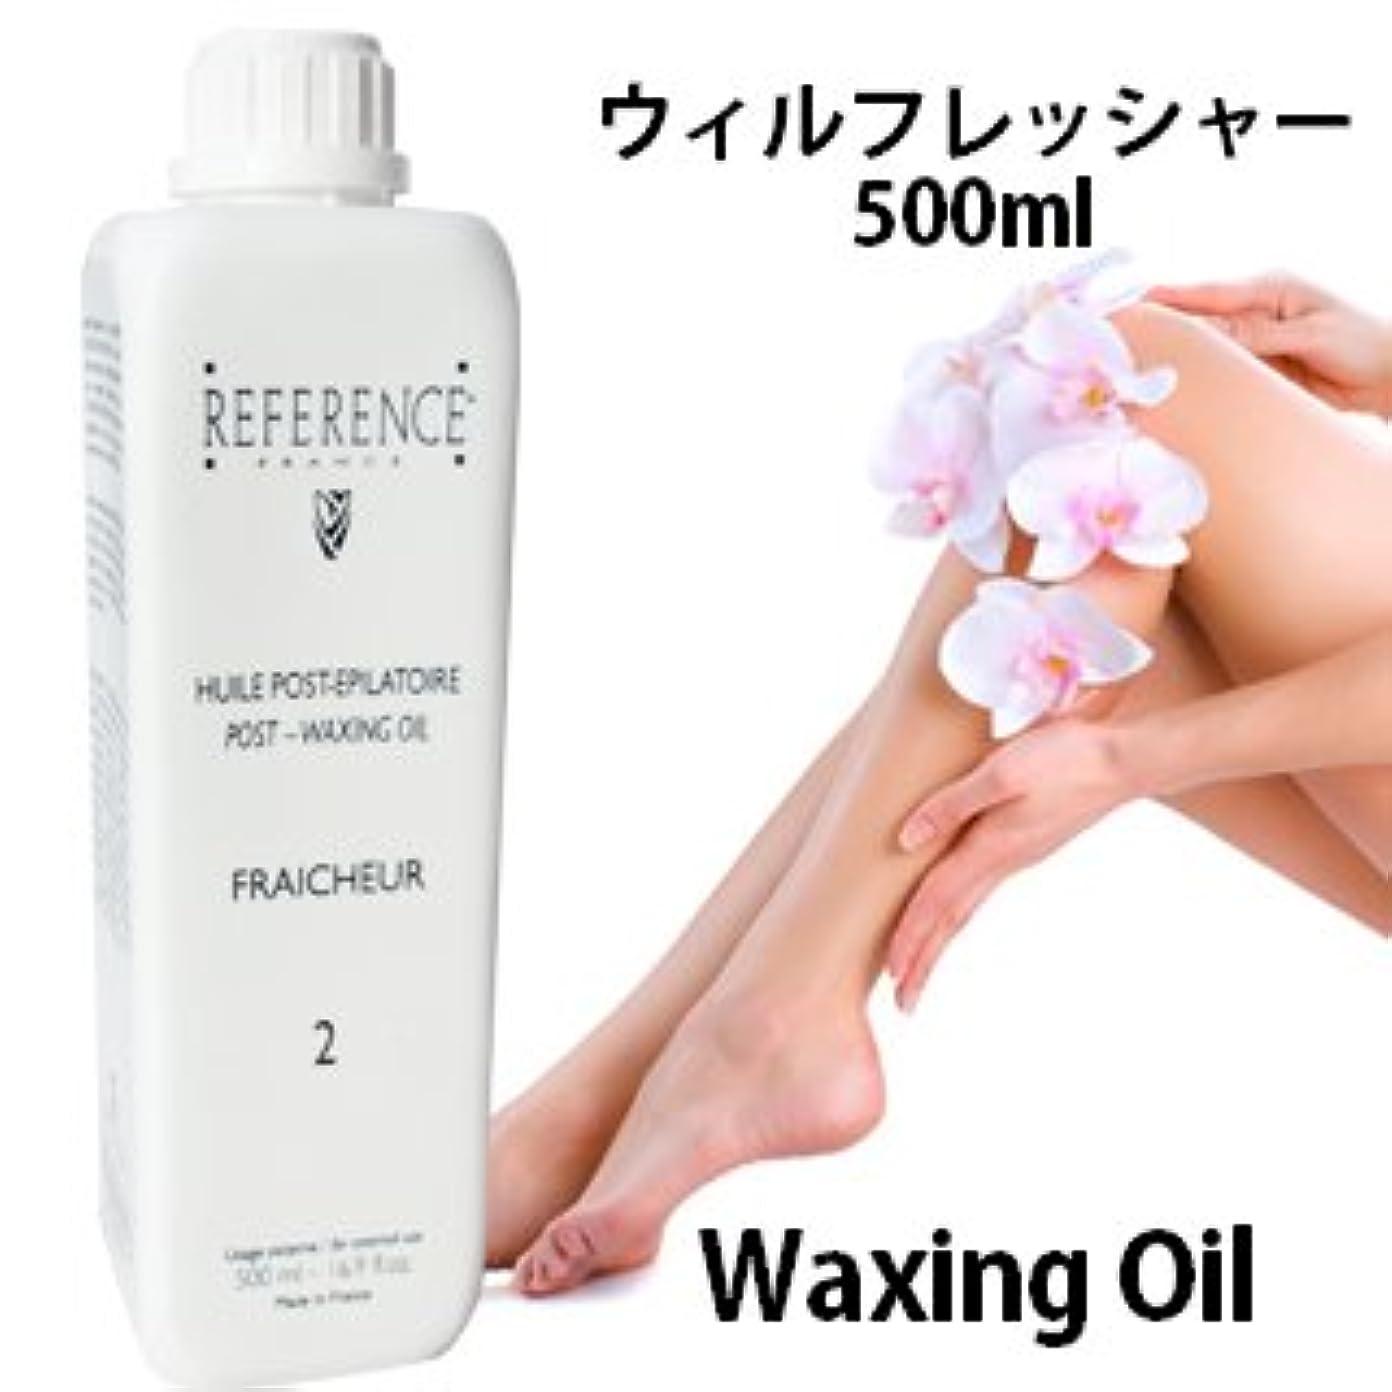 自分のレインコート窒素【ウィルフレッシャー】500ml レファレンス REFERENCE Waxing Oil ※お取り寄せ商品